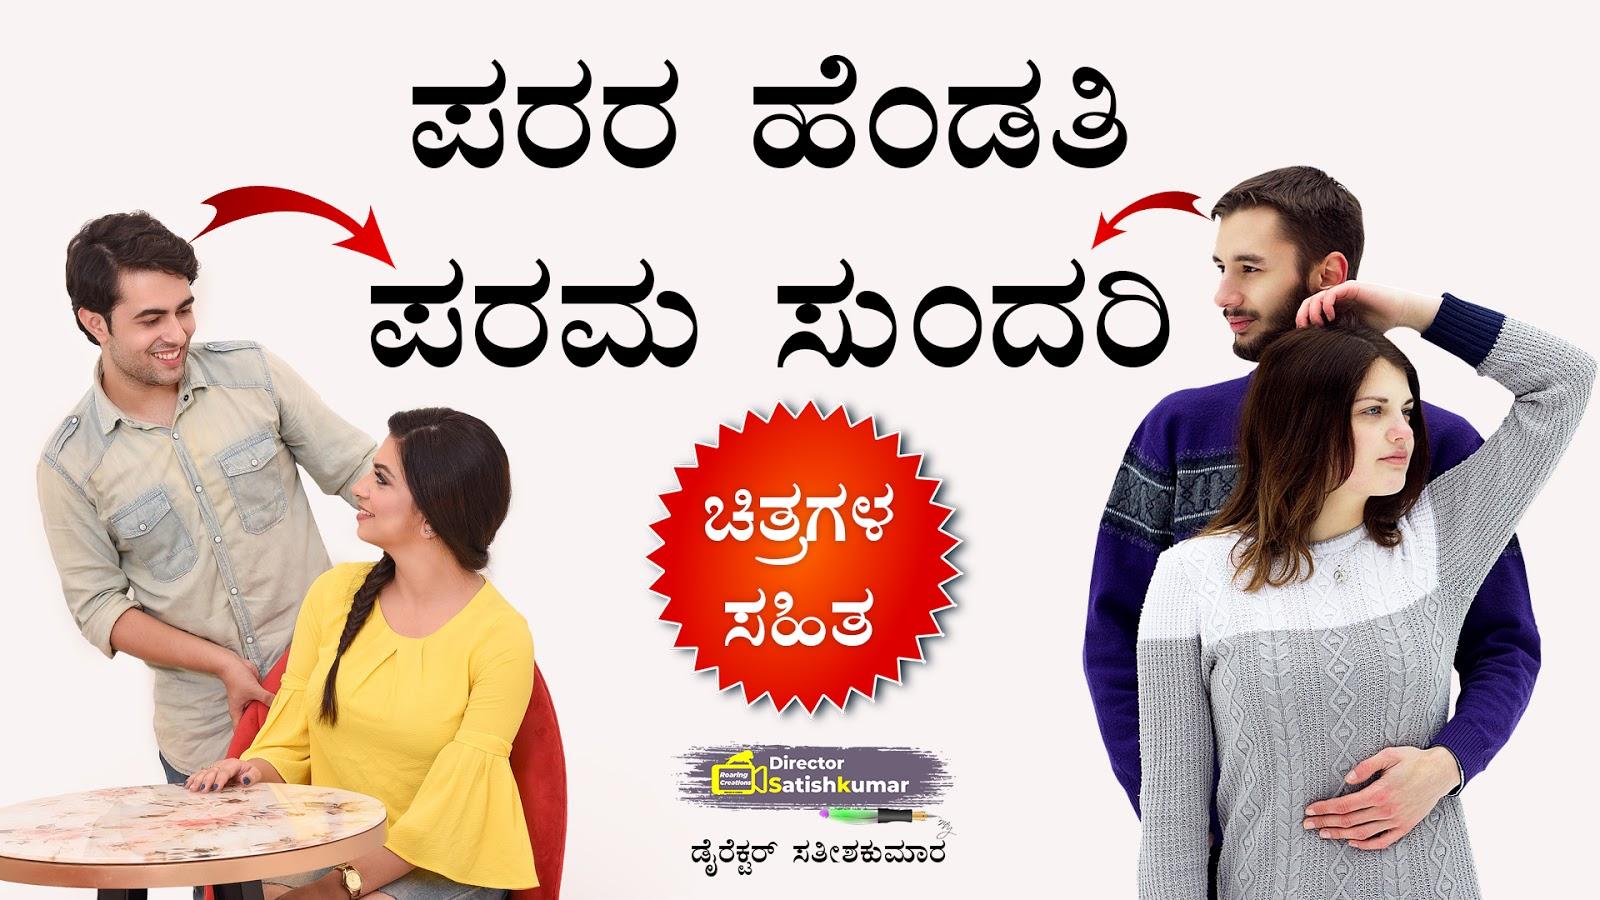 ಪರರ ಹೆಂಡತಿ ಪರಮ ಸುಂದರಿ  - Romantic Life Story of Cute Couples in Kannada - ಕನ್ನಡ ಕಥೆ ಪುಸ್ತಕಗಳು - Kannada Story Books -  E Books Kannada - Kannada Books